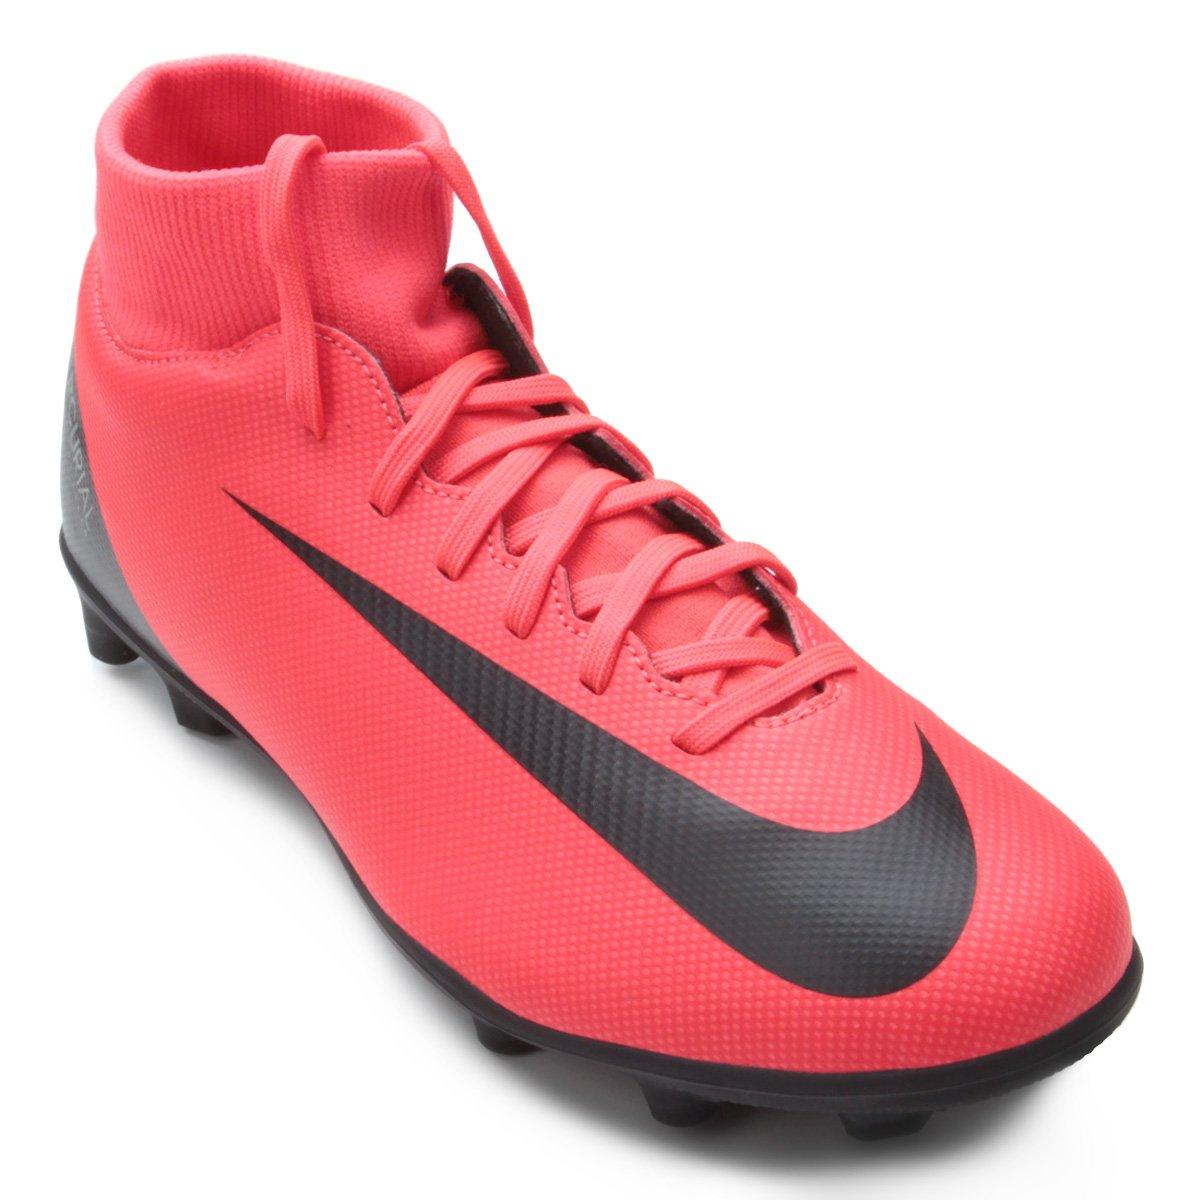 98a74021e2fd6 Chuteira Campo Nike Mercurial Superfly 6 Club CR7 MG - Vermelho e Preto -  Compre Agora